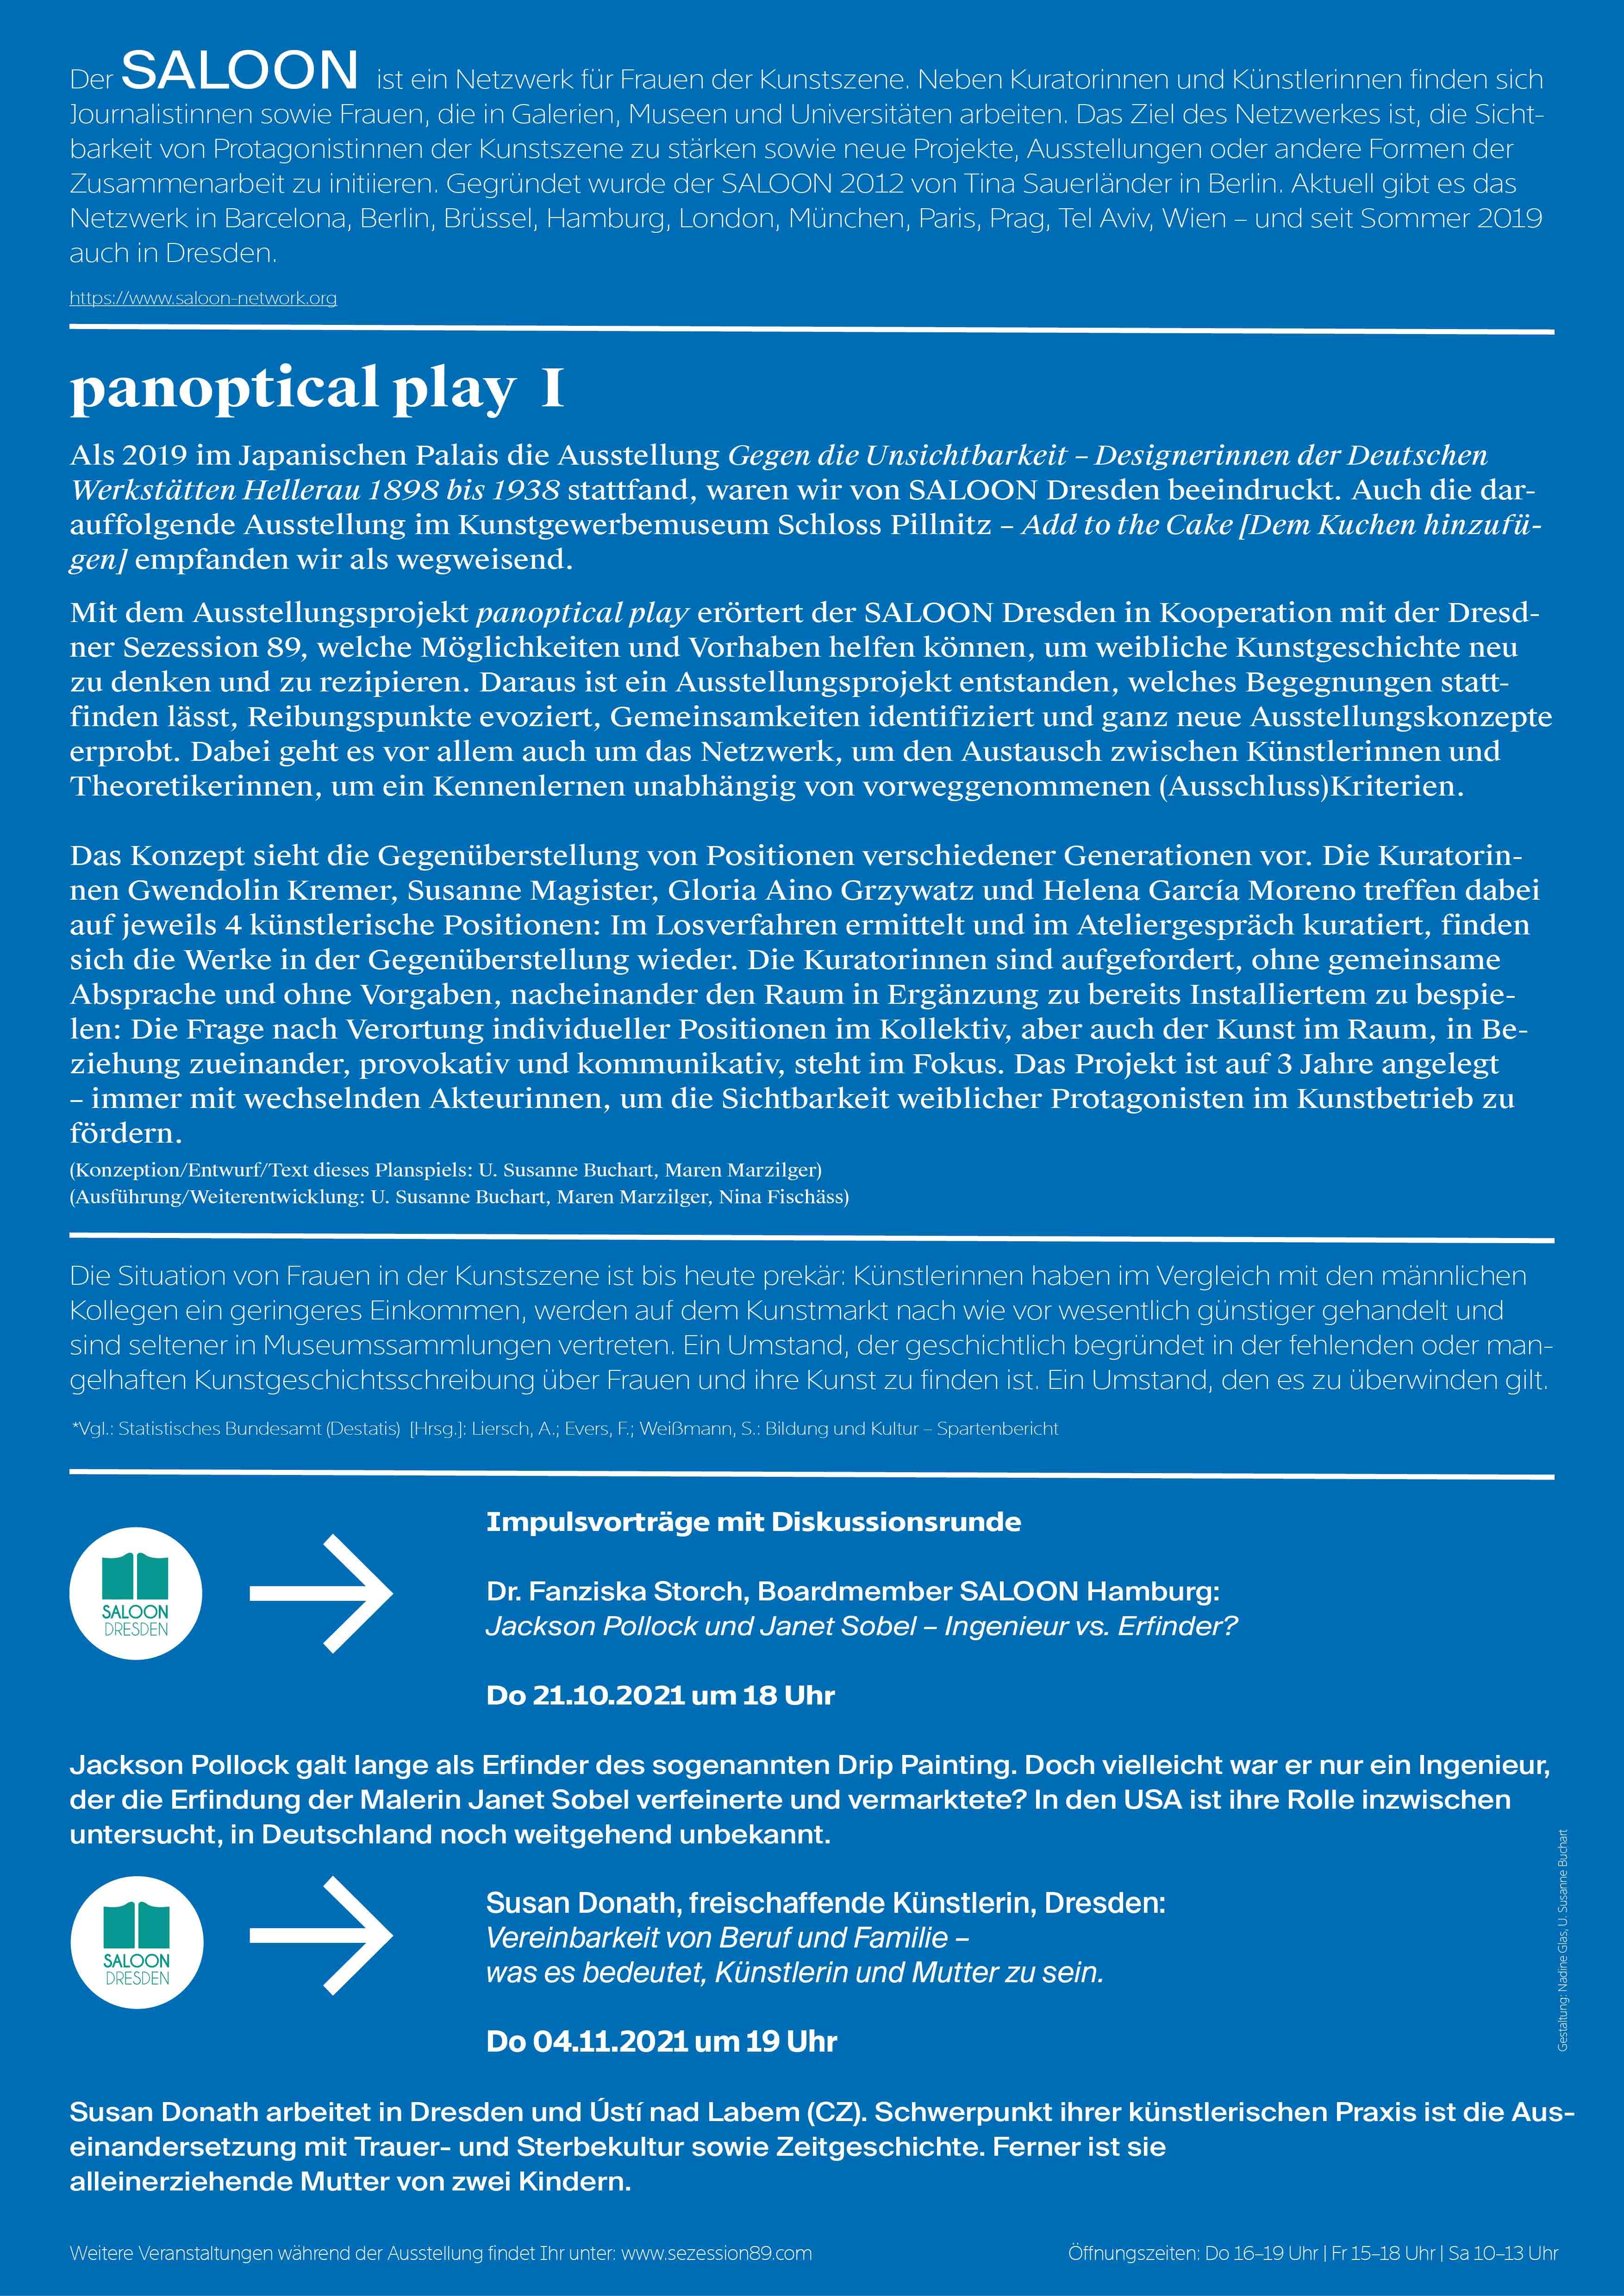 Veranstaltungen panoptical play I